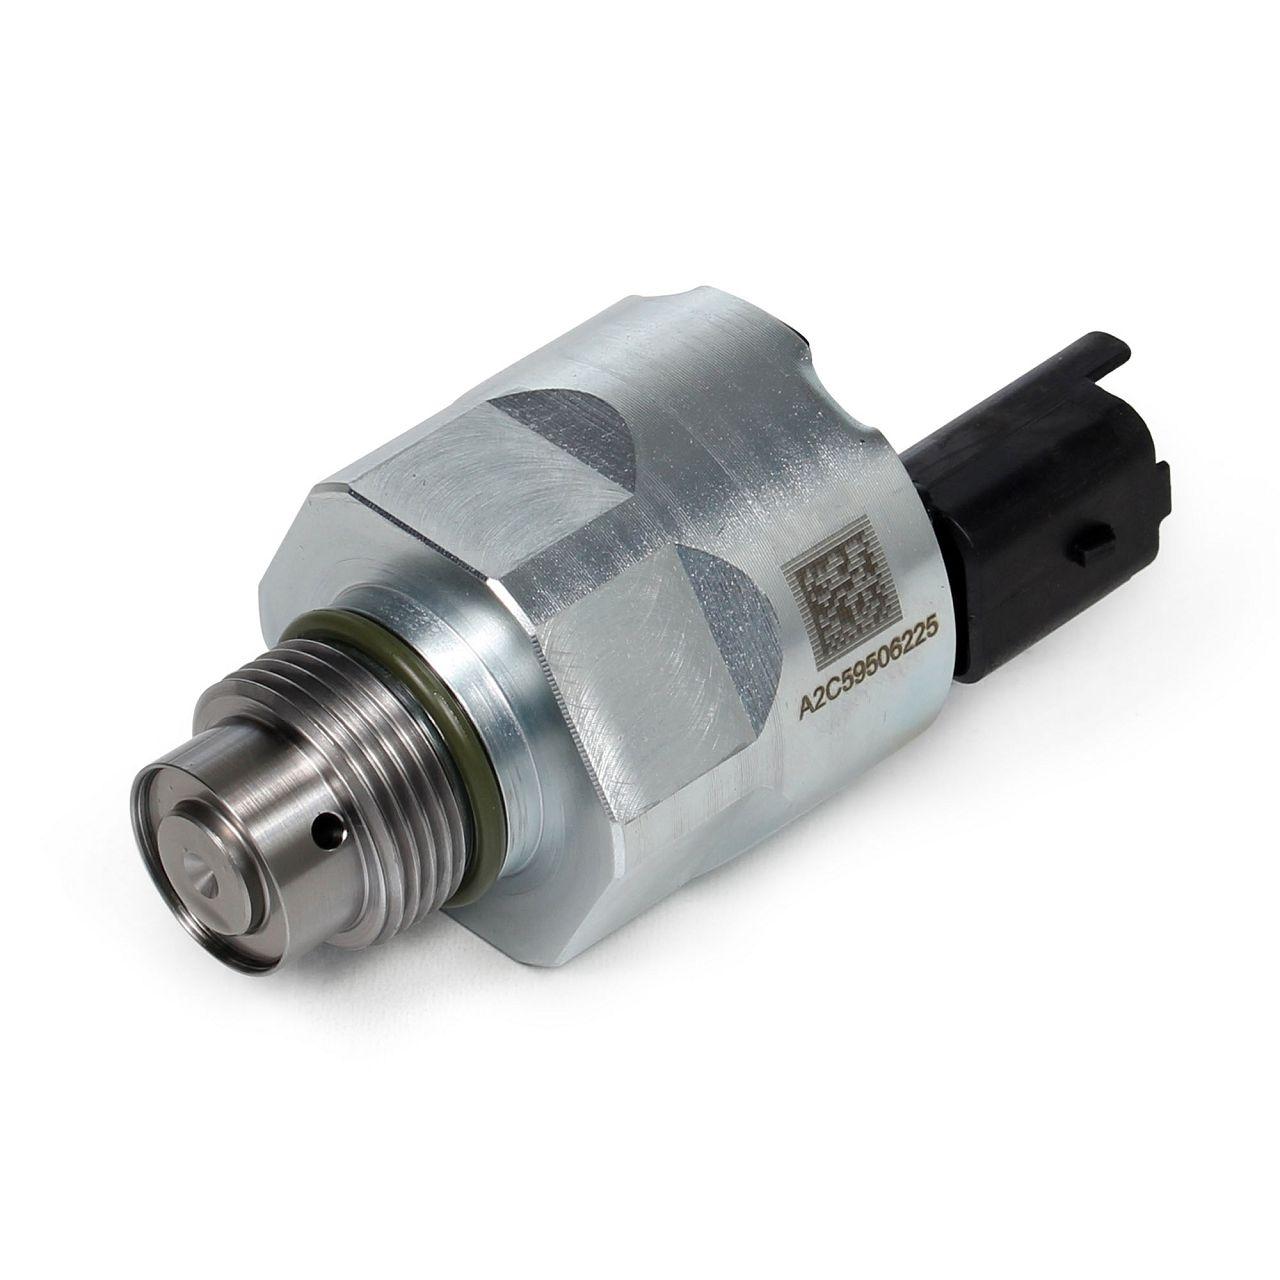 VDO A2C59506225 Druckregelventil Druckregler Common-Rail CITROEN PEUGEOT 2.0 HDi